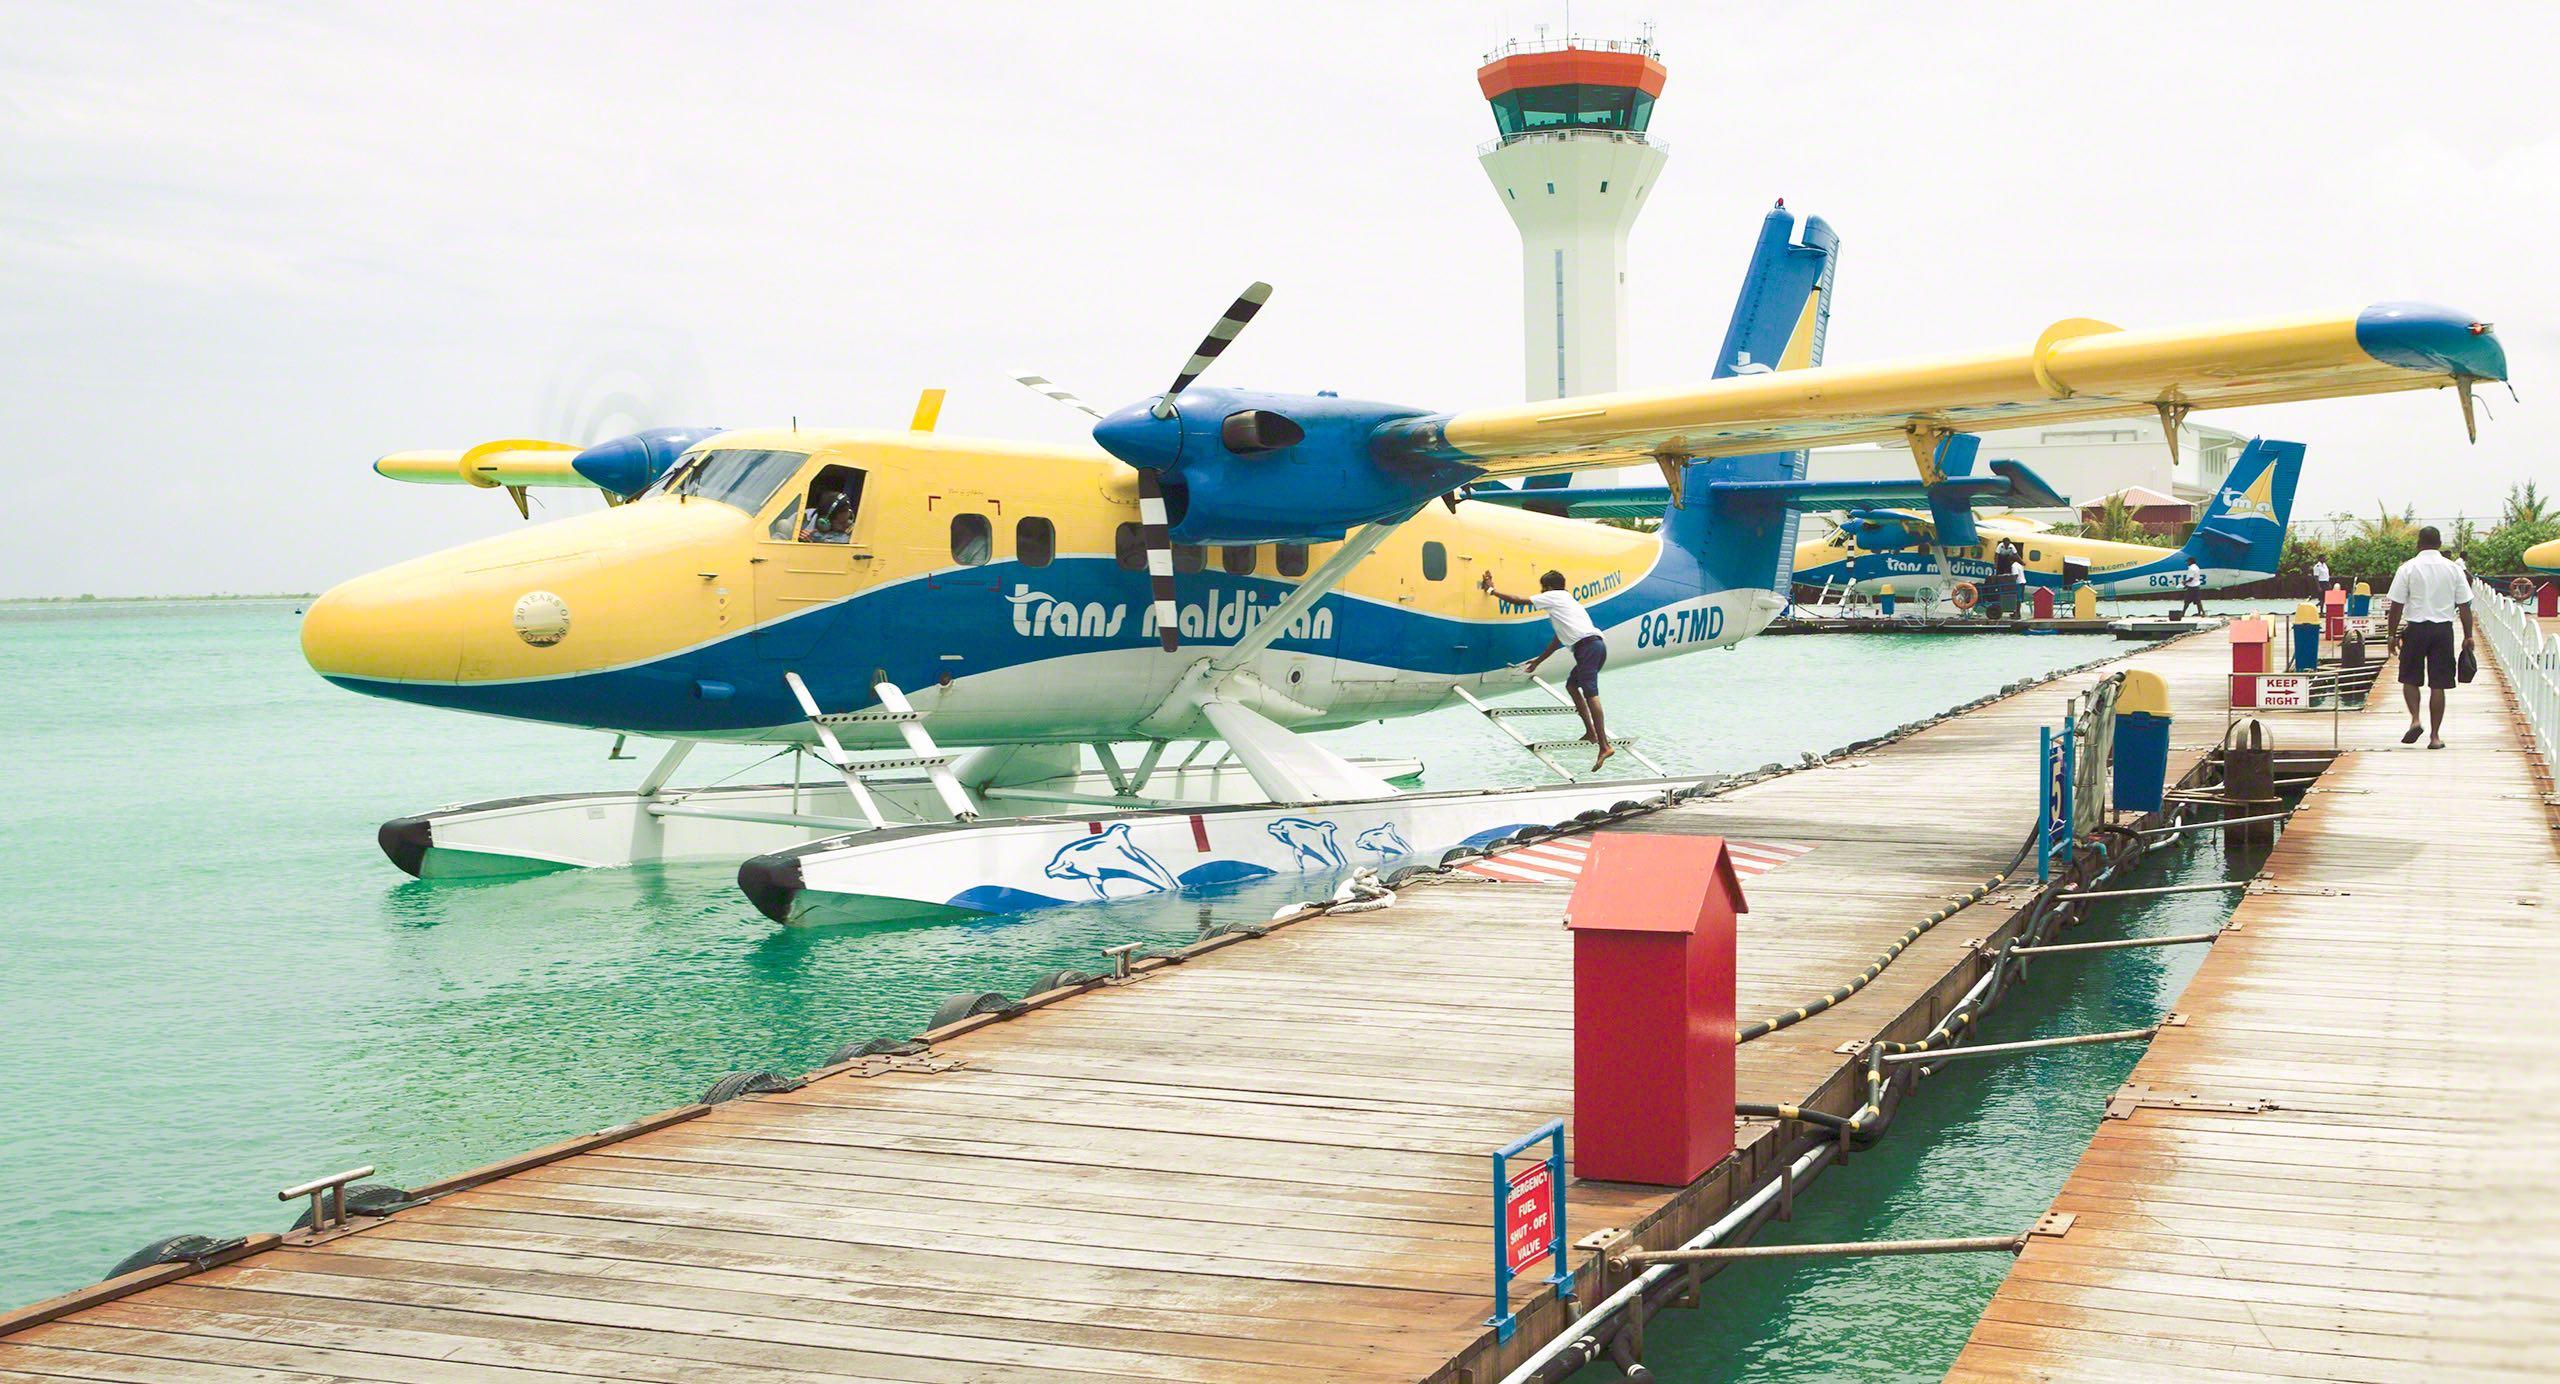 Ein unvergessliches Erlebnis: die Anreise per Wasserflugzeug